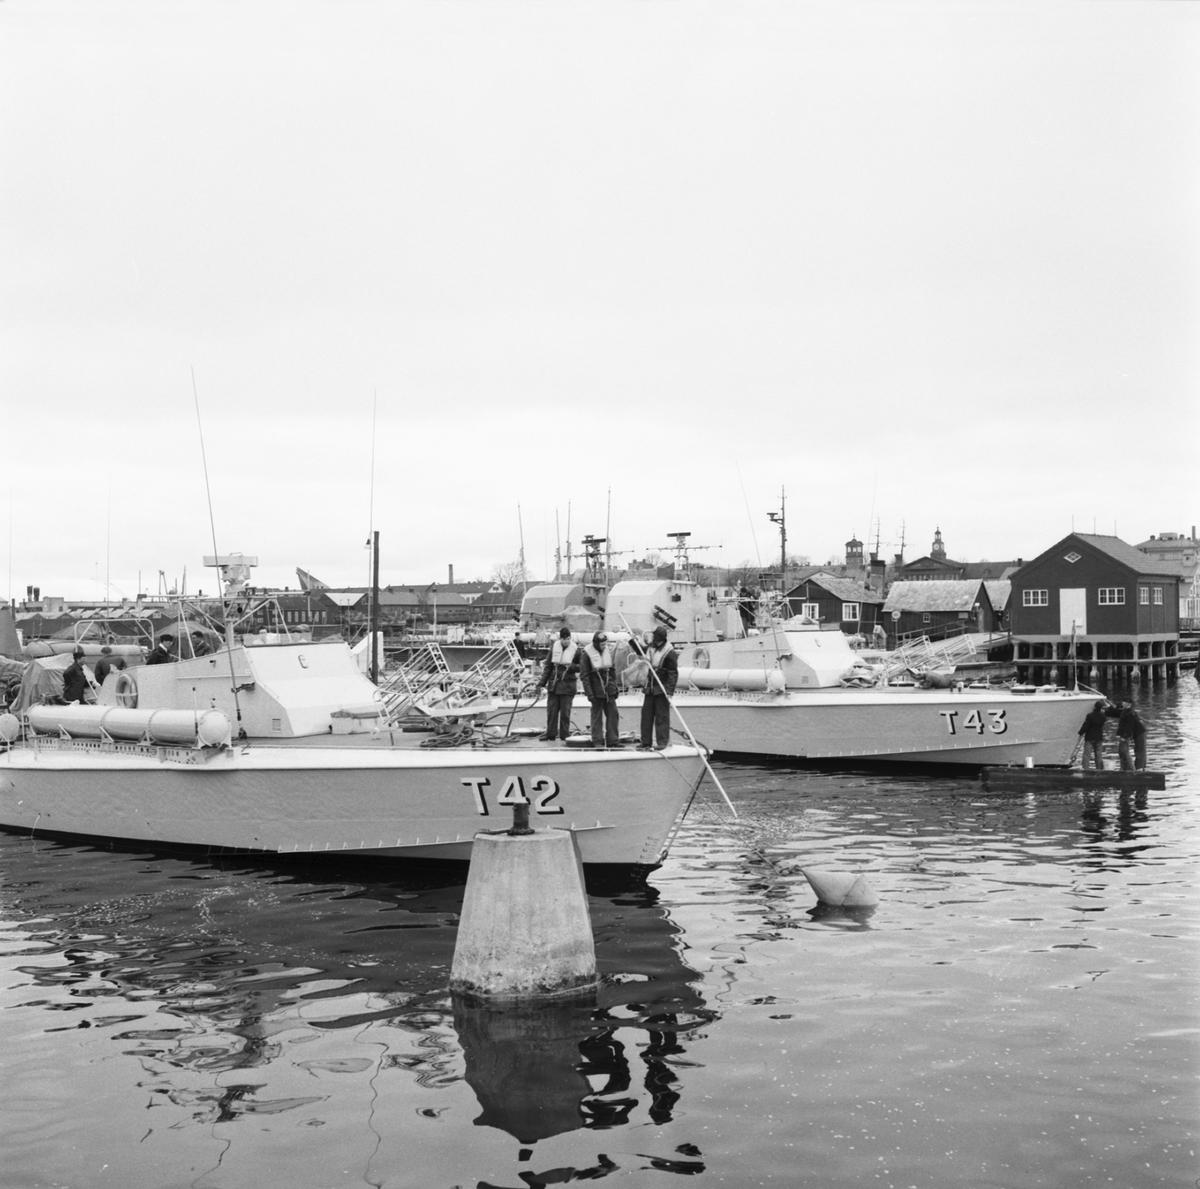 Fartyg: T 43                            Rederi: Kungliga Flottan, Marinen Byggår: 1956 Varv: Kockums Övrigt: Raketställ.